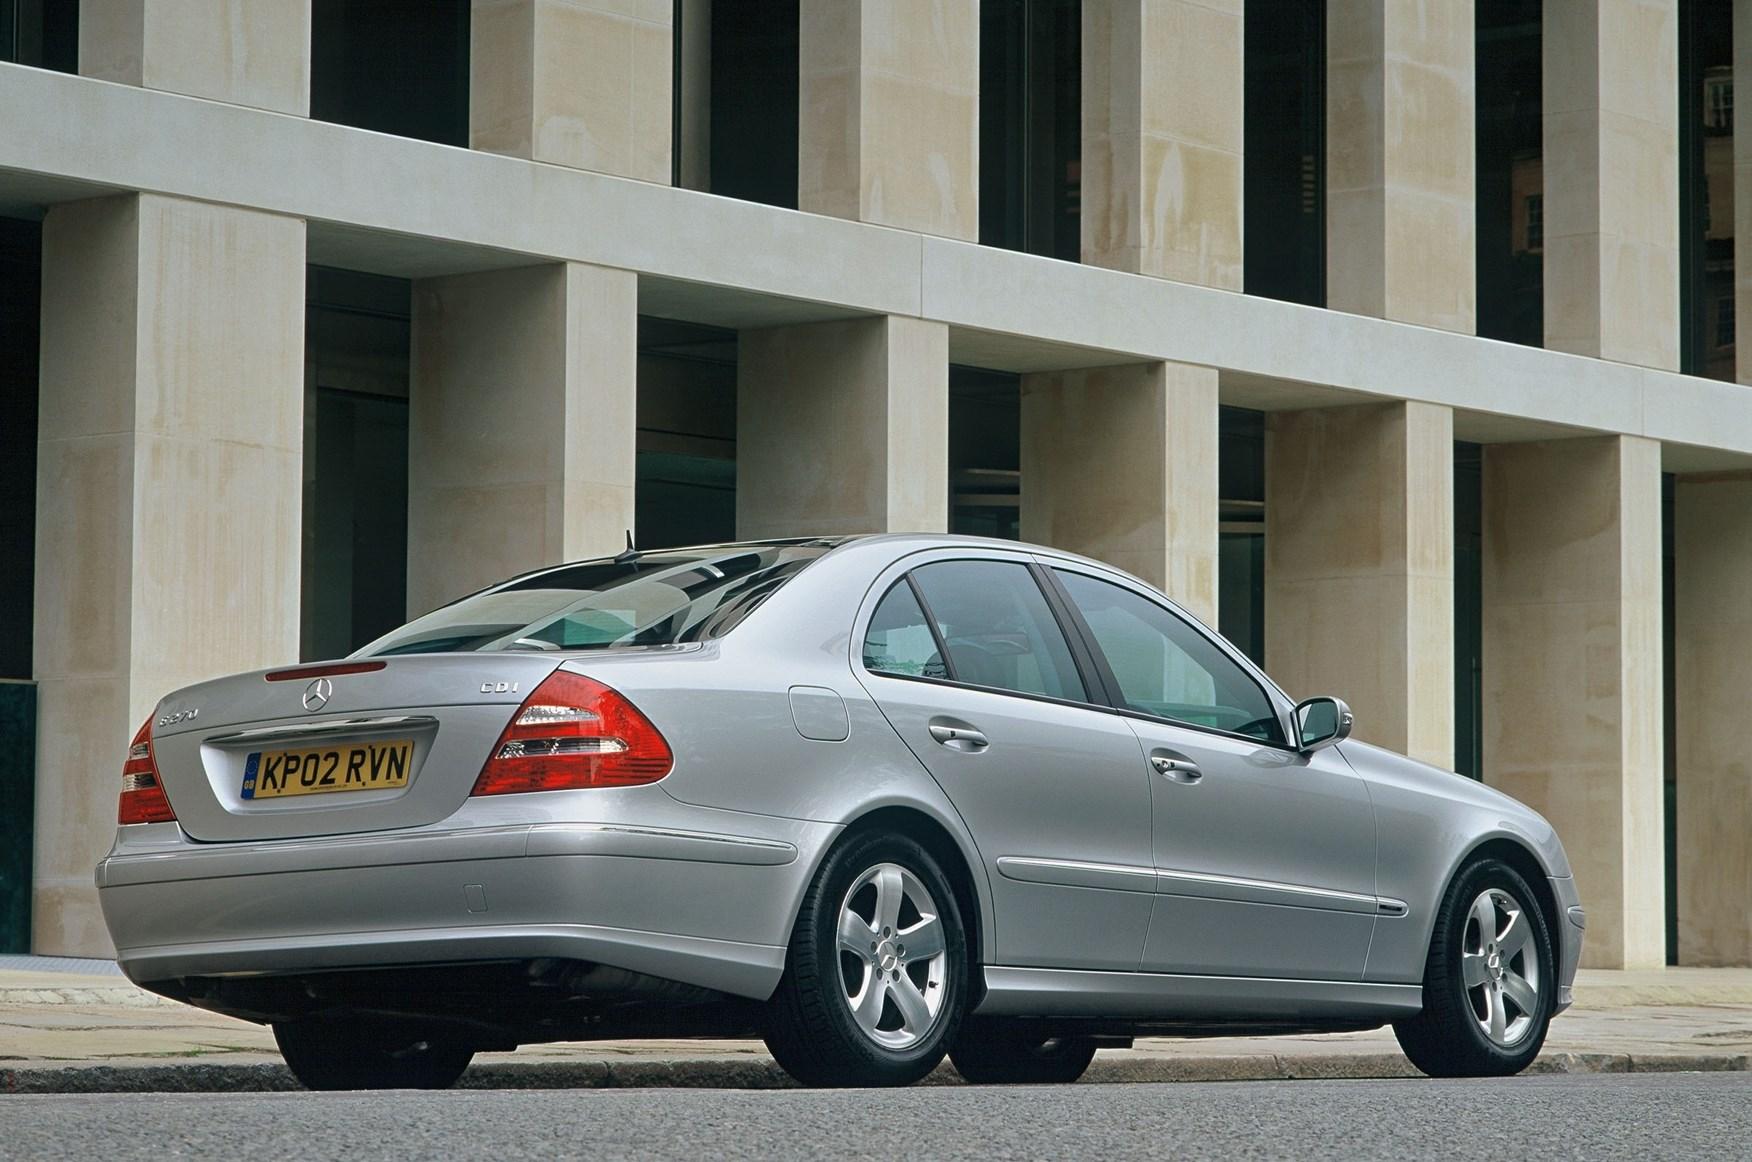 mercedes-benz e-class saloon review (2002 - 2008) | parkers